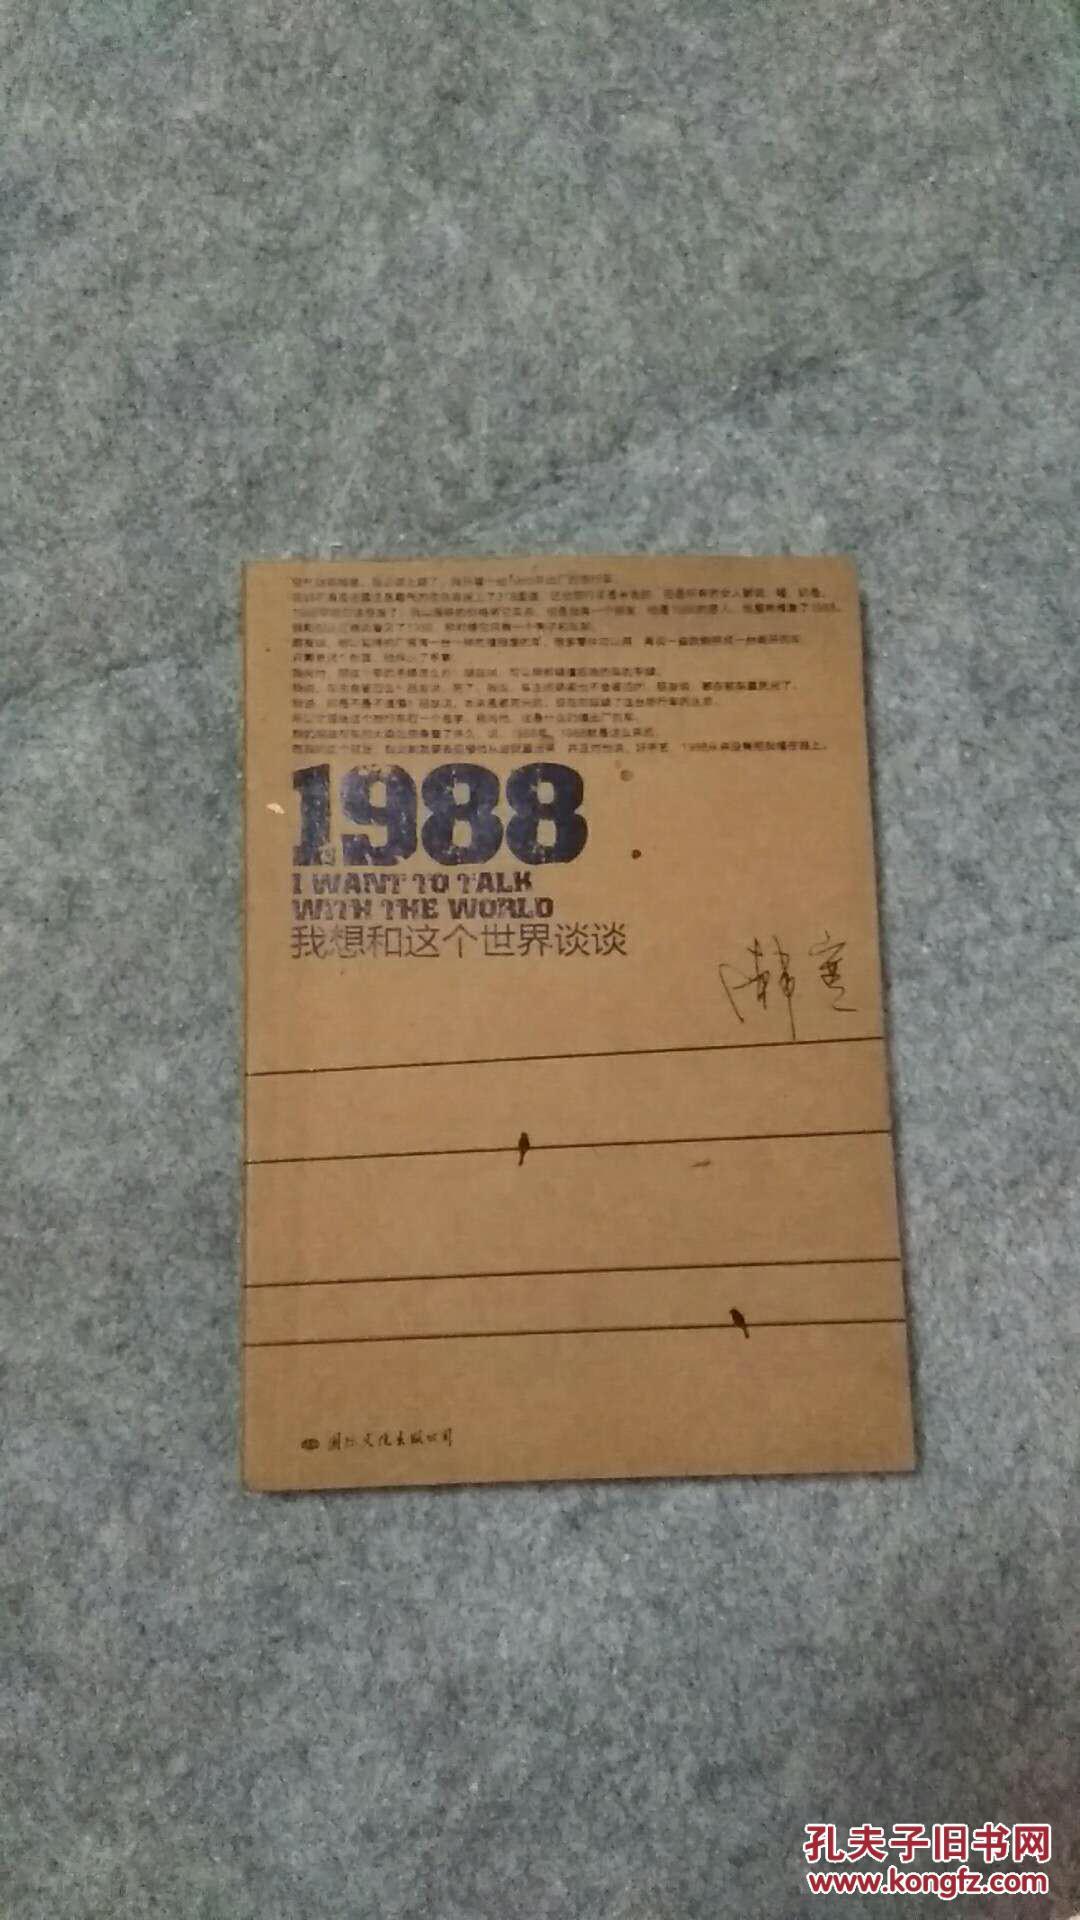 1988我想和这个这个世界谈谈